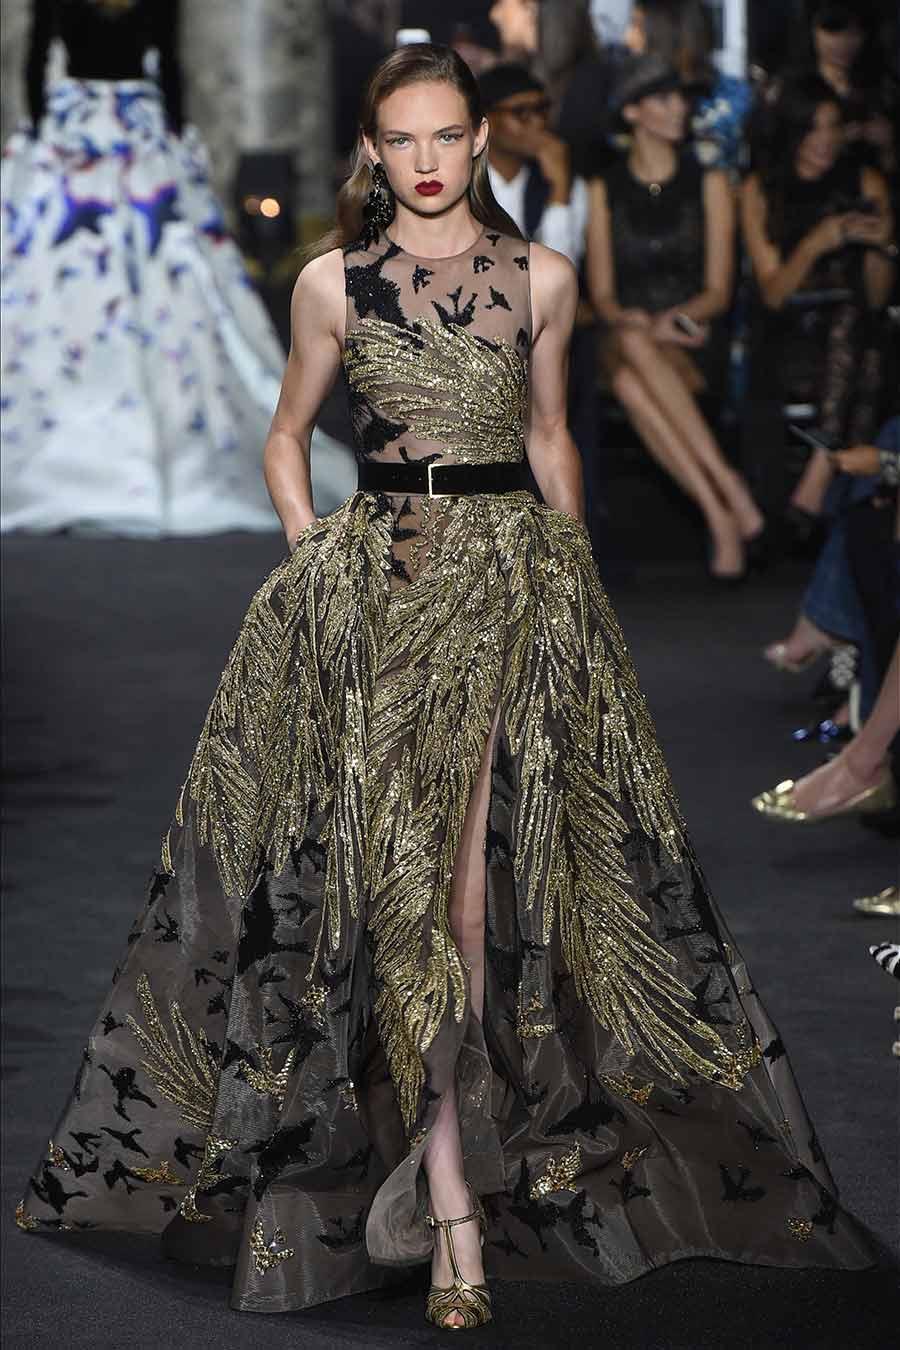 cristalli-look-elie-saab-haute-couture-abito-trasparente-tempestato-paillettes-nere-foto2